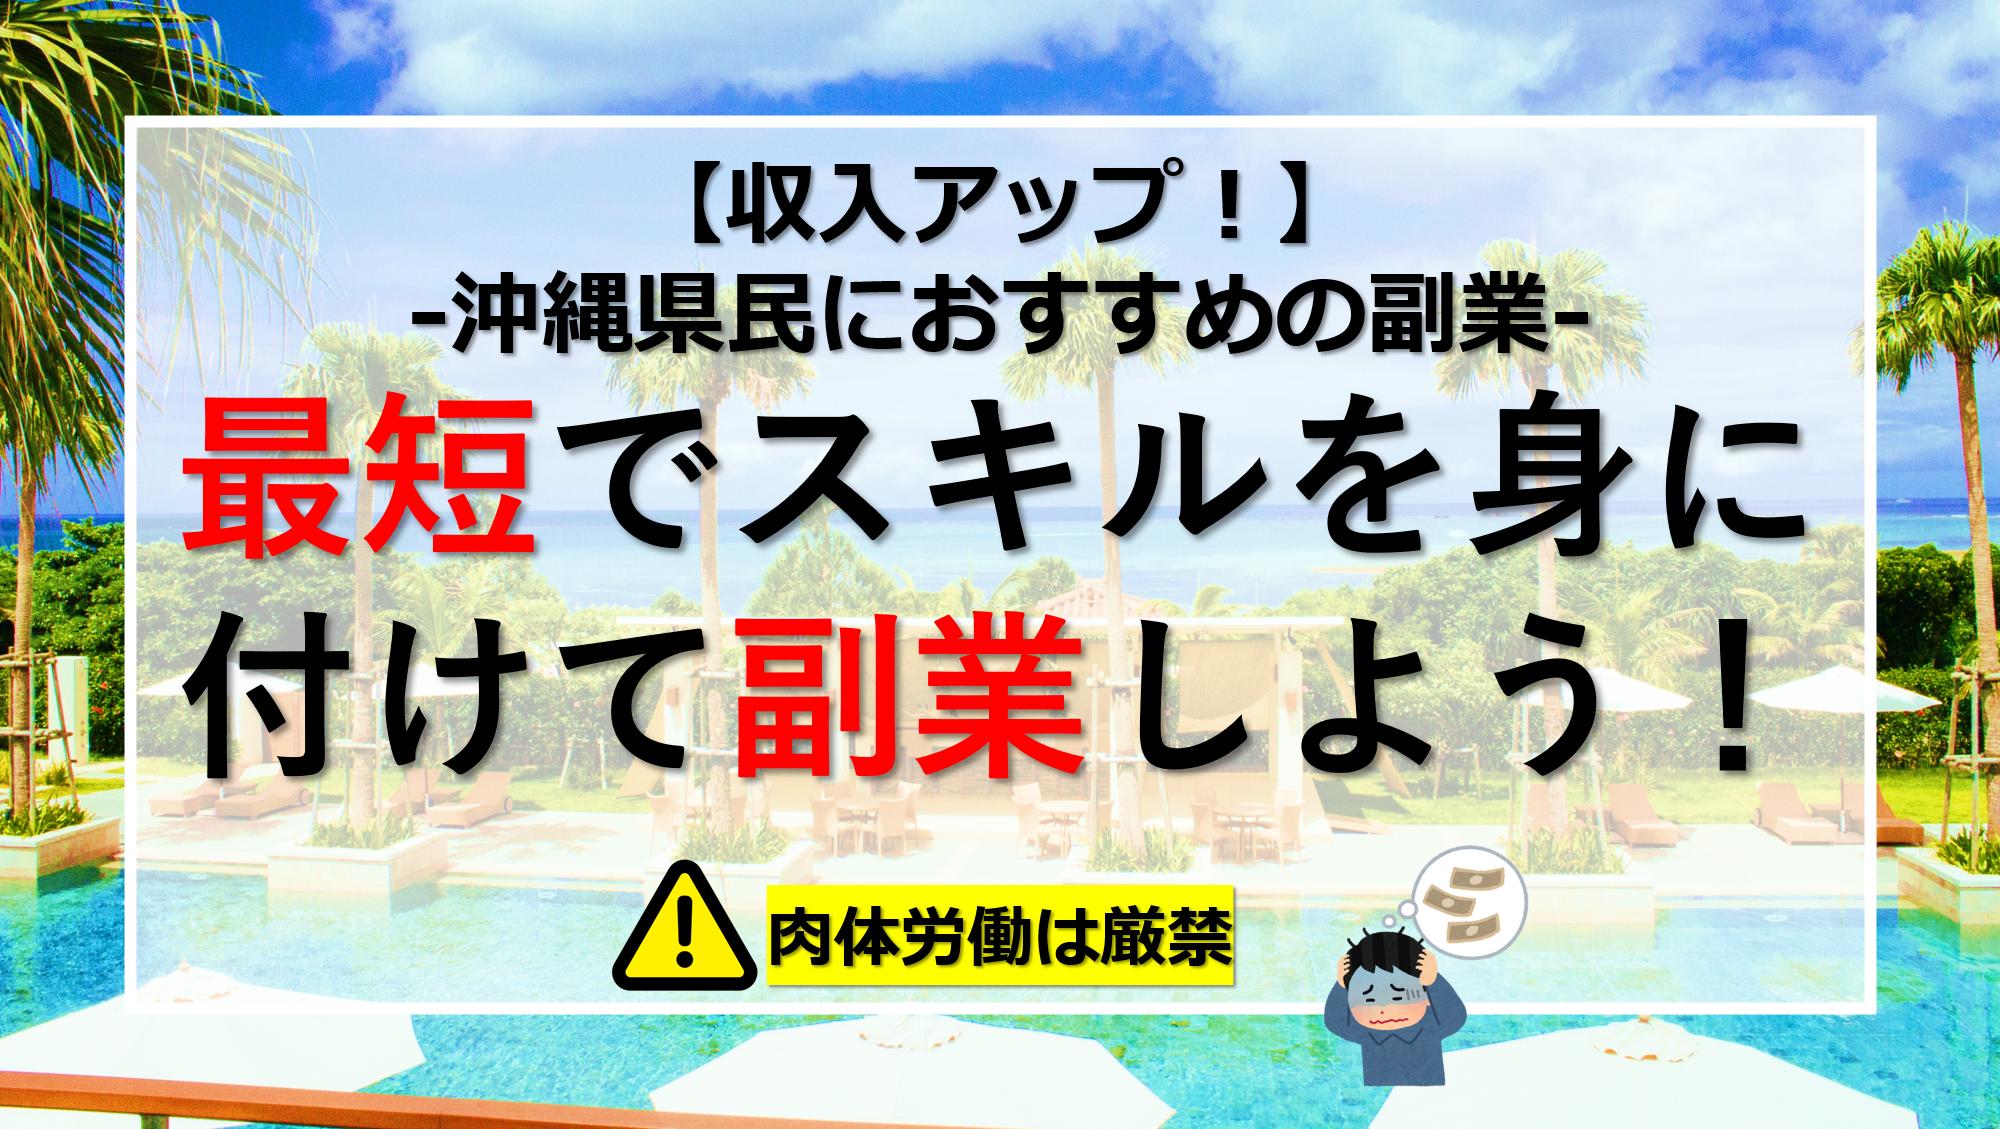 沖縄県民必見 給料が少ないならスキルを身に付けて副業で稼ごう